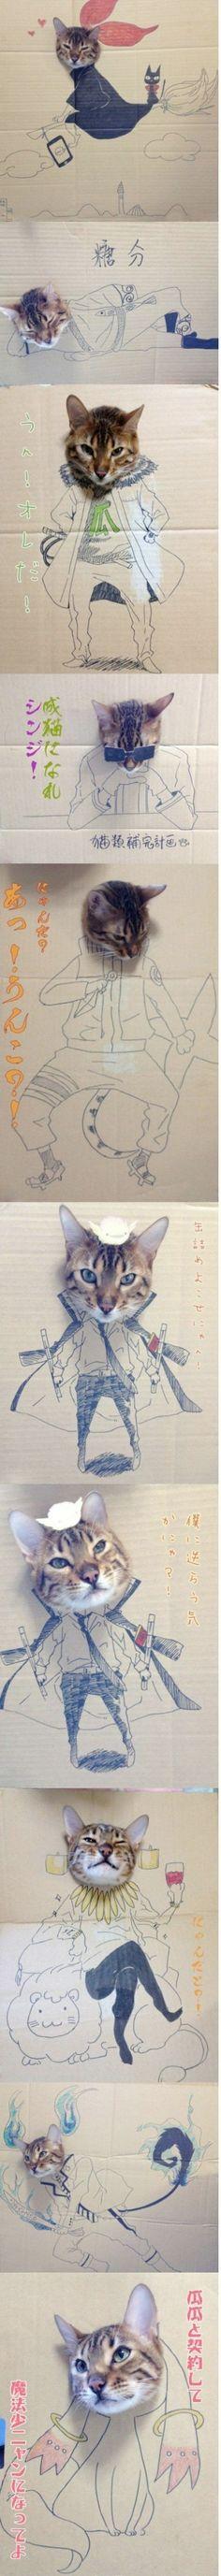 Gatti di cartone